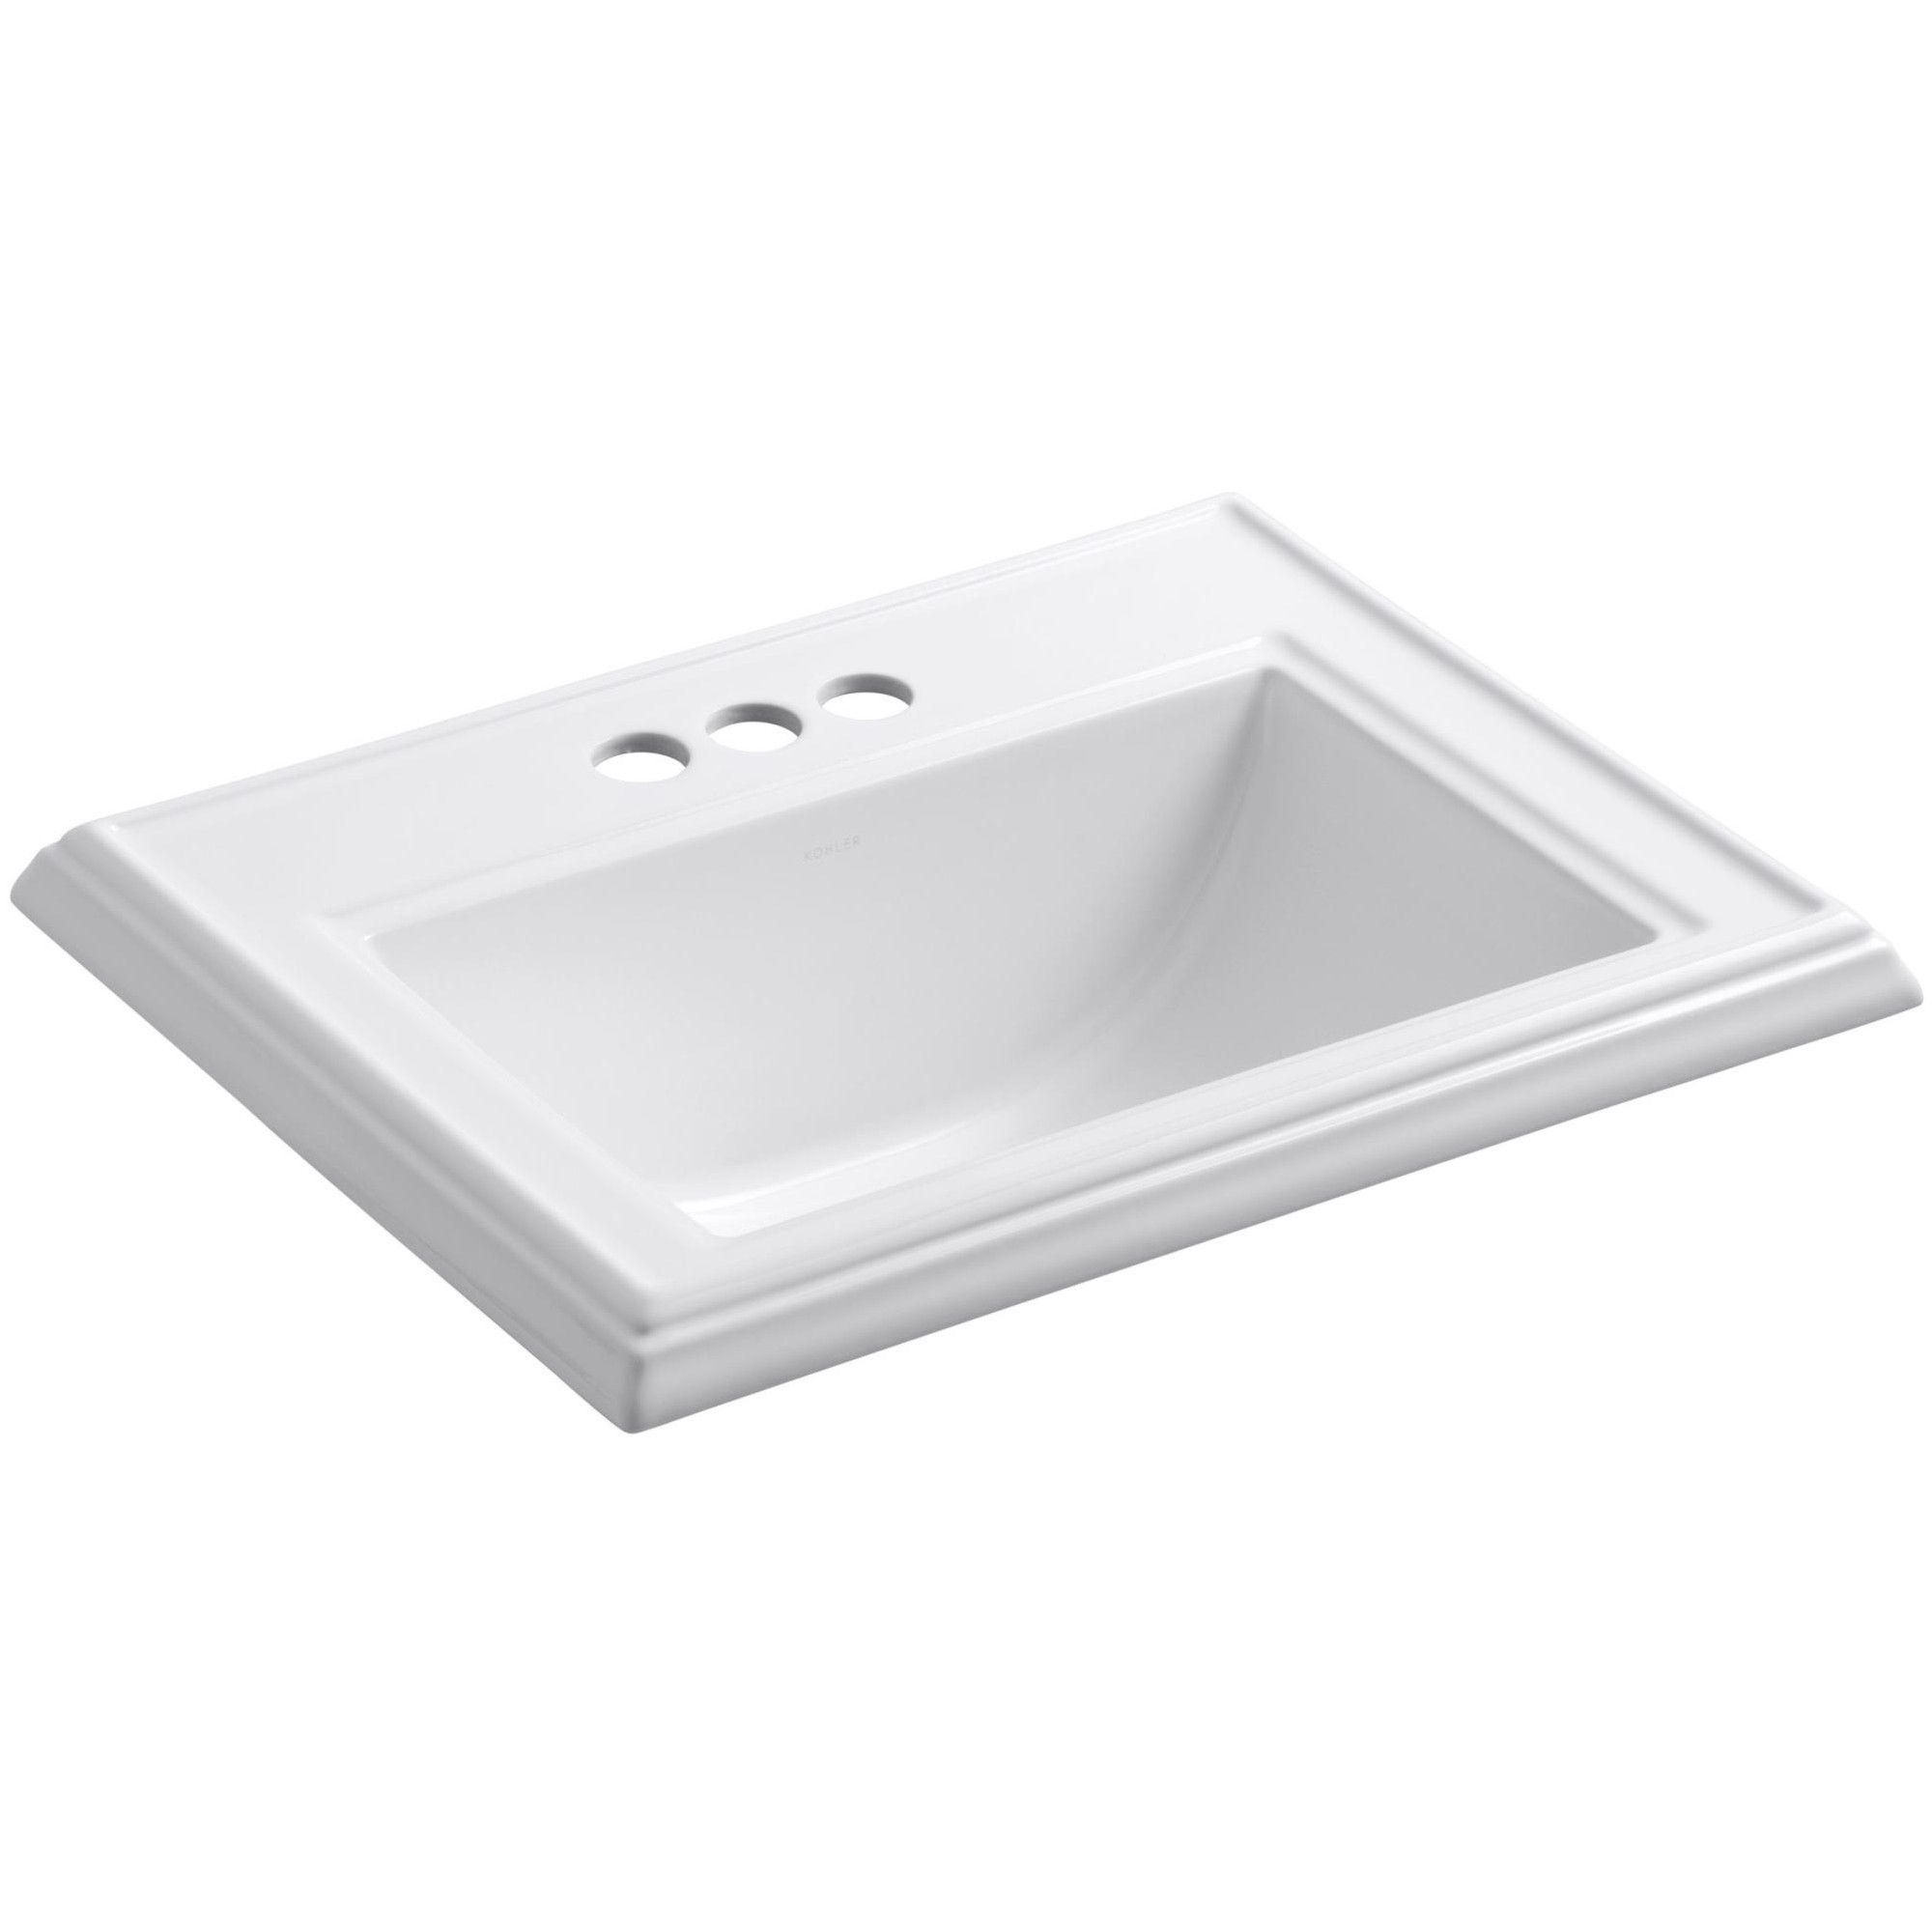 Kohler K 2241 4 Memoirs 17 Drop In Bathroom Sink With 3 Holes